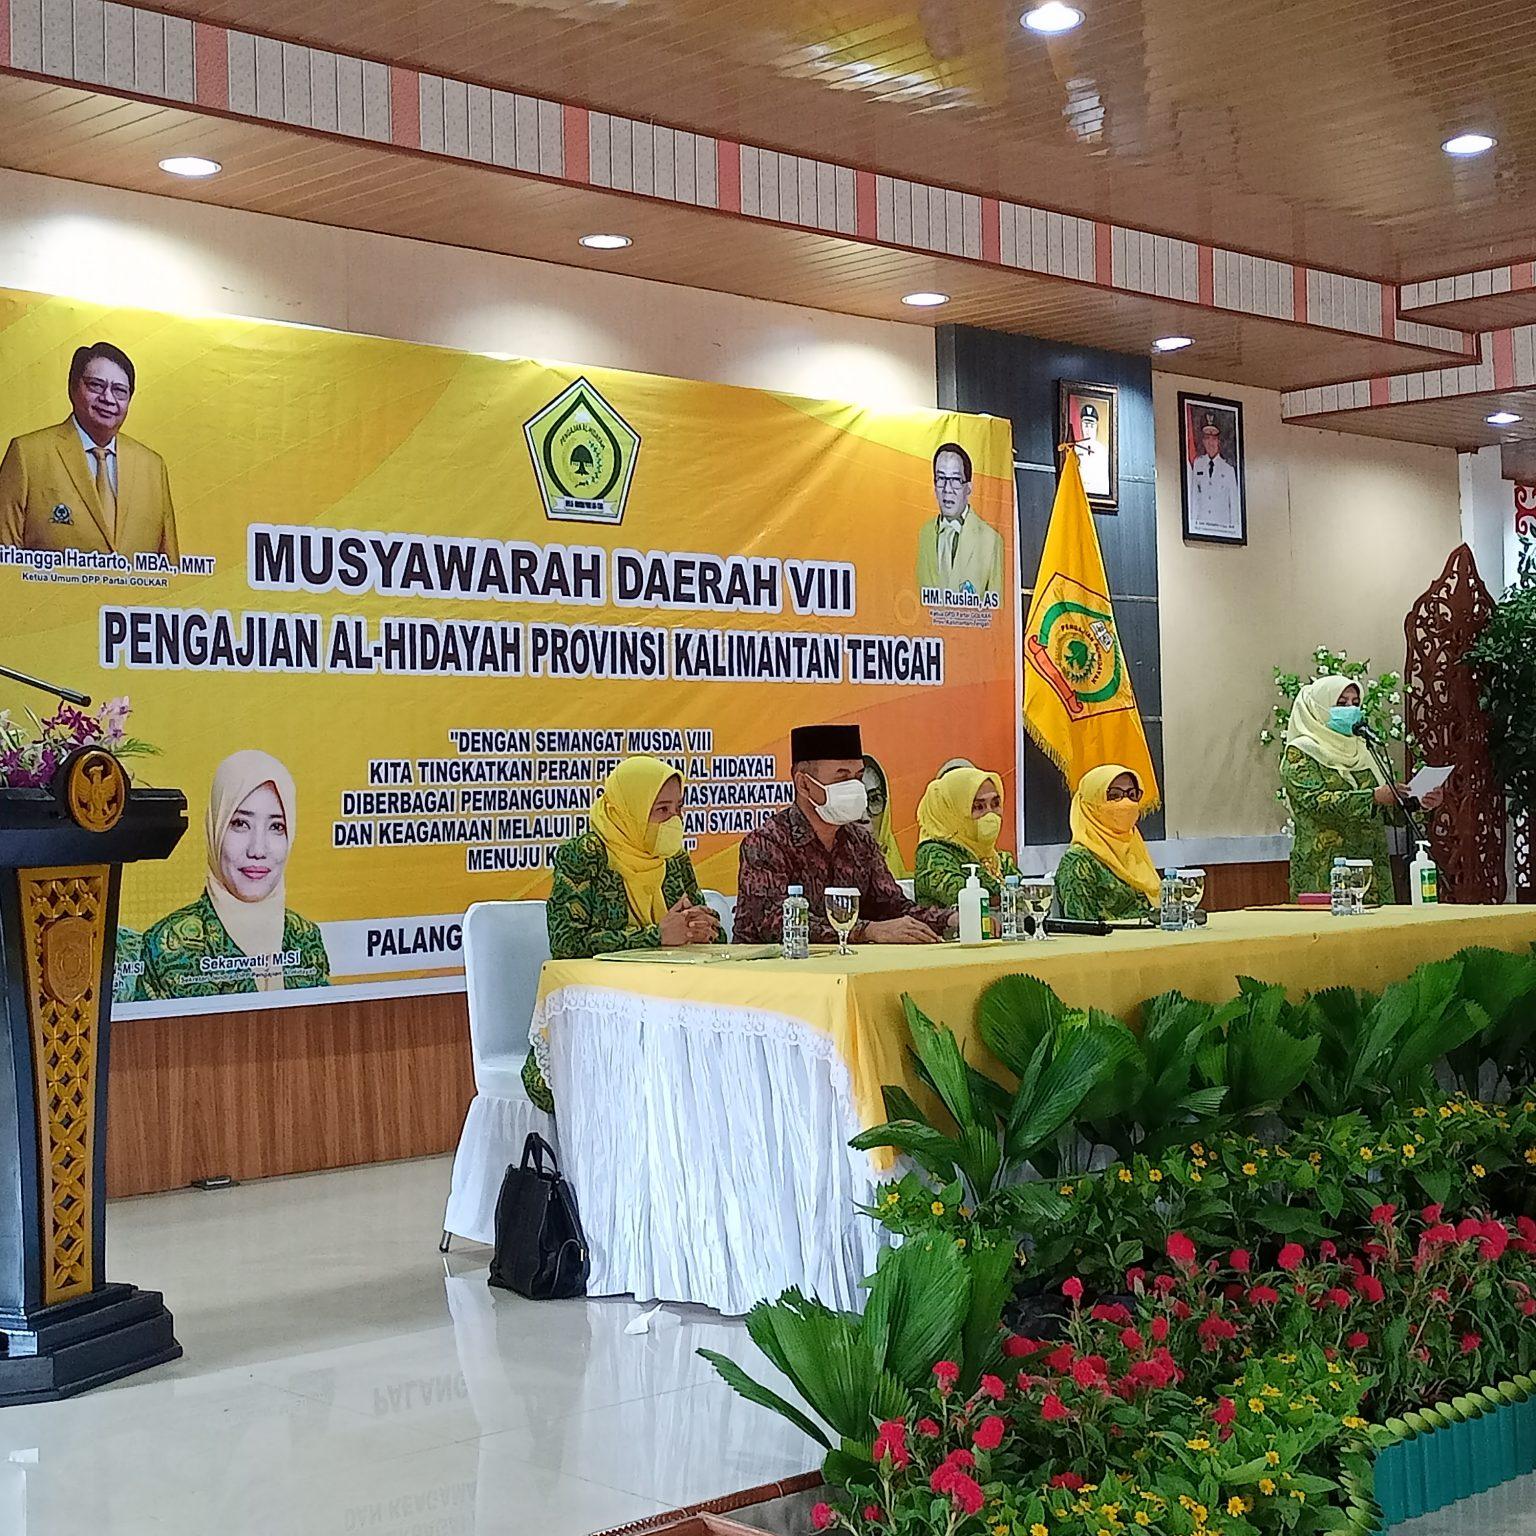 Hj Zaidah Abdul Razak Kembali Dipercaya Pimpin DPD Al-Hidayah Kalteng